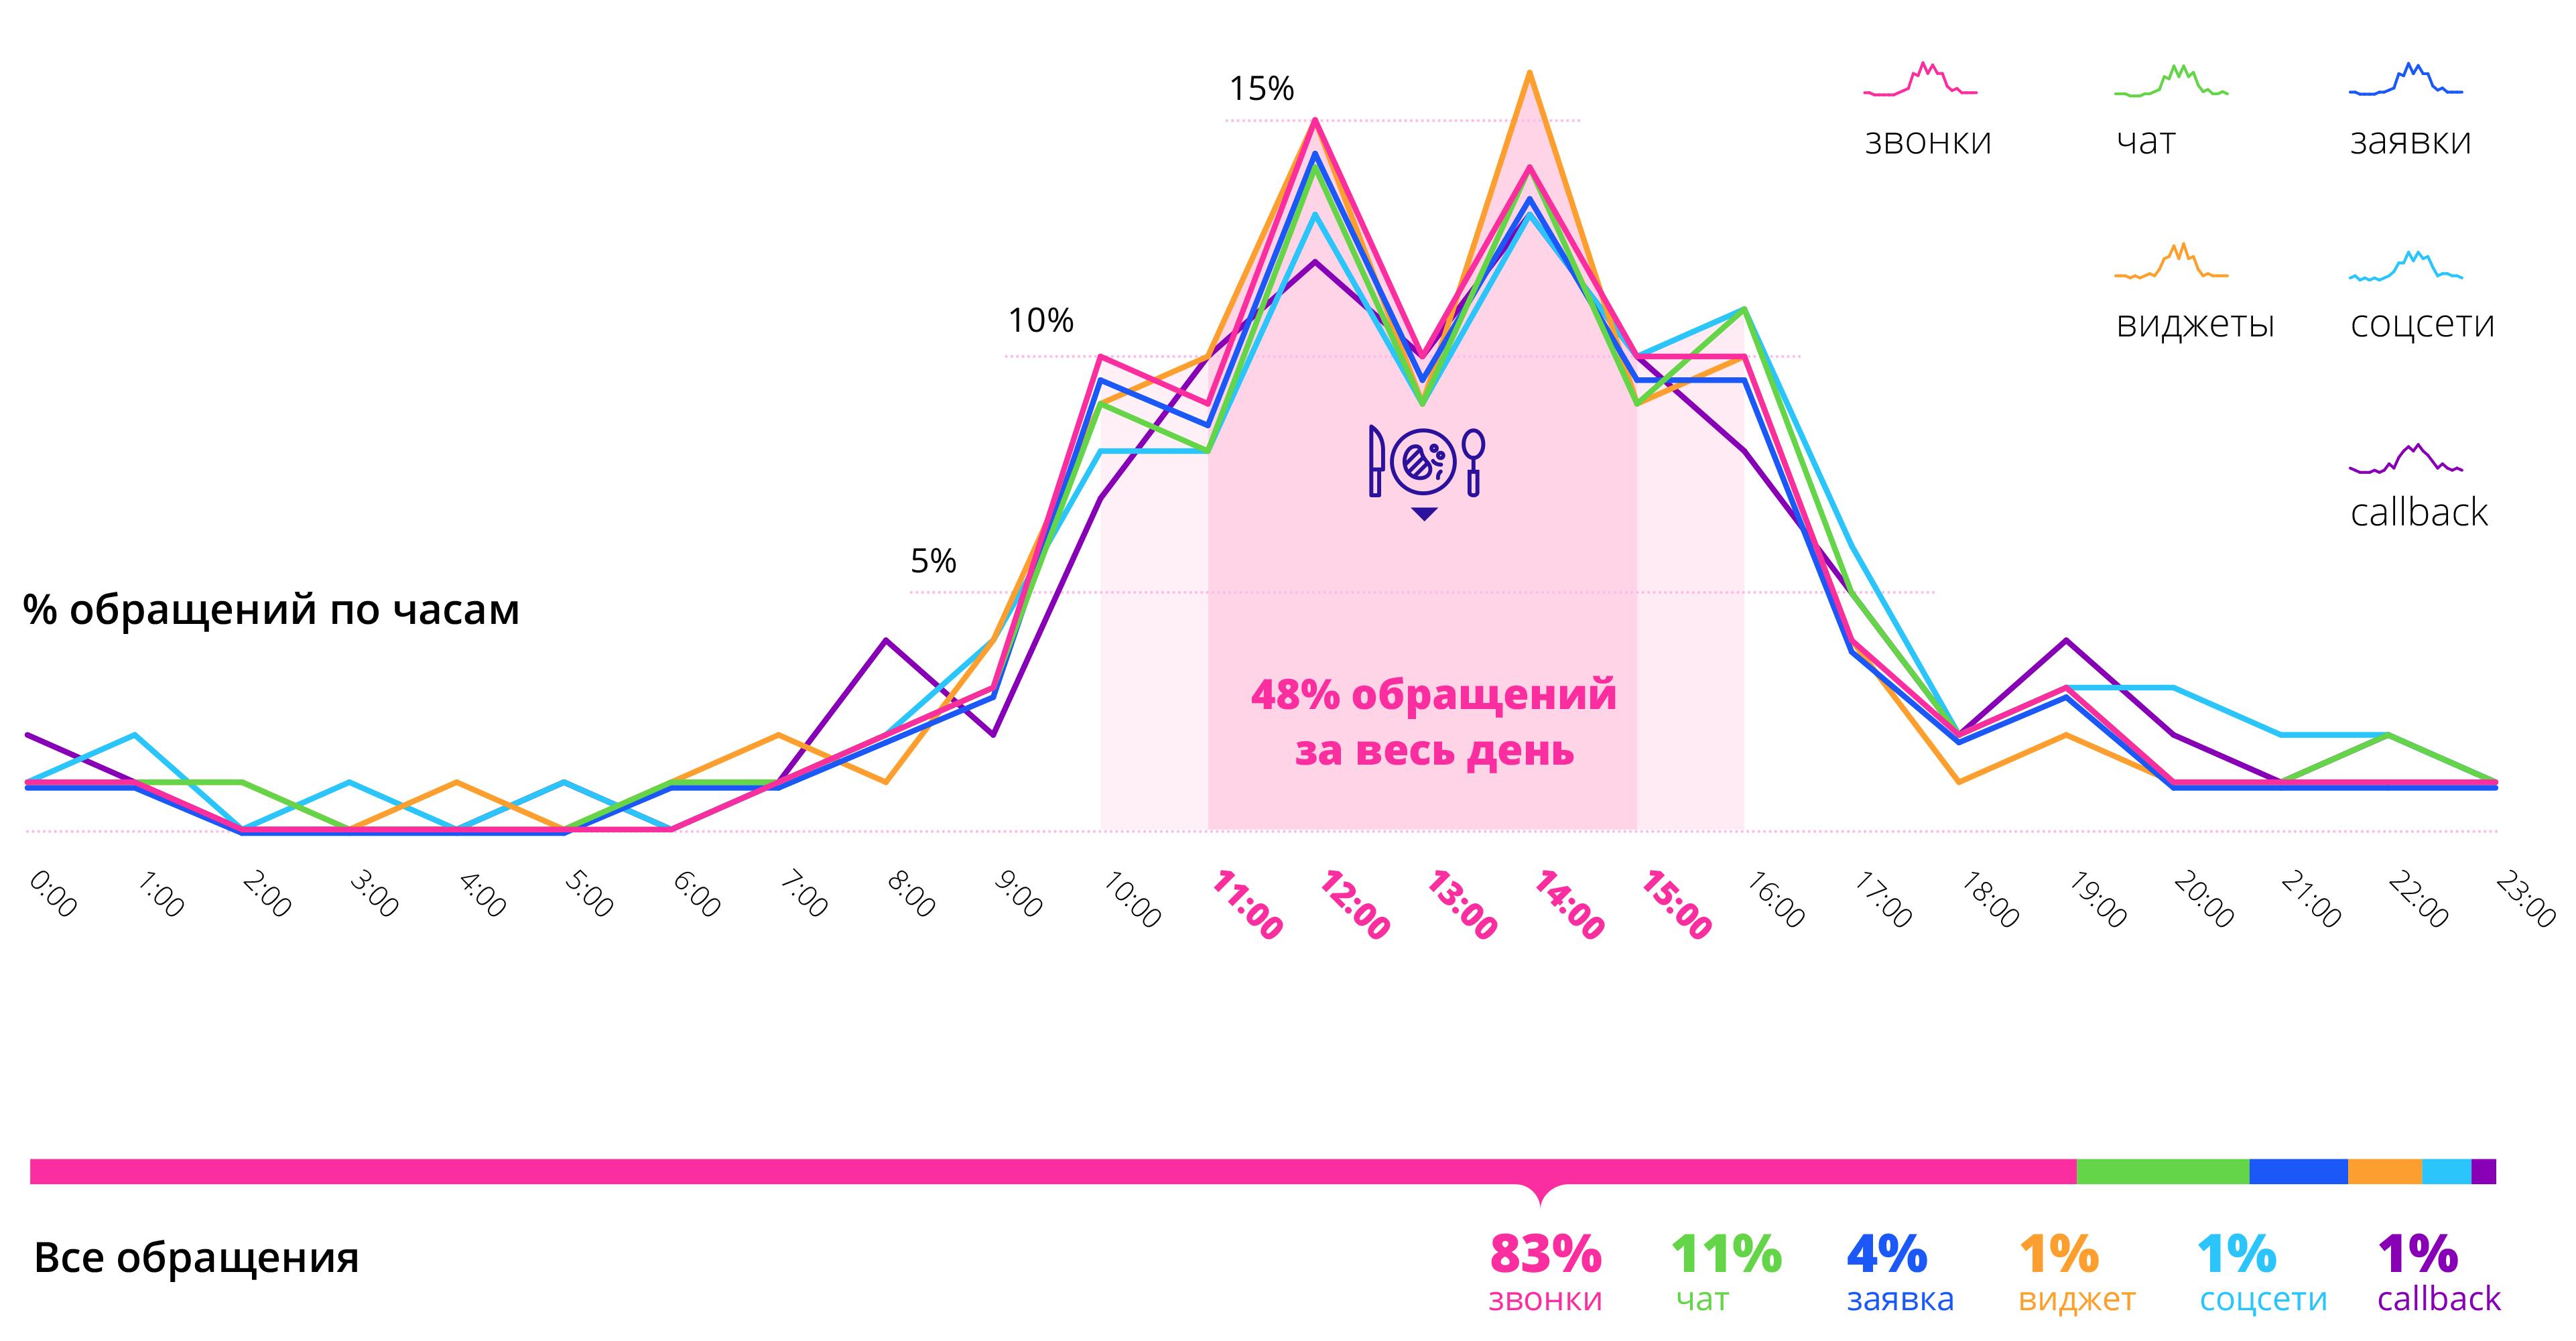 График входящих обращений в бухгалтерские фирмы по часам